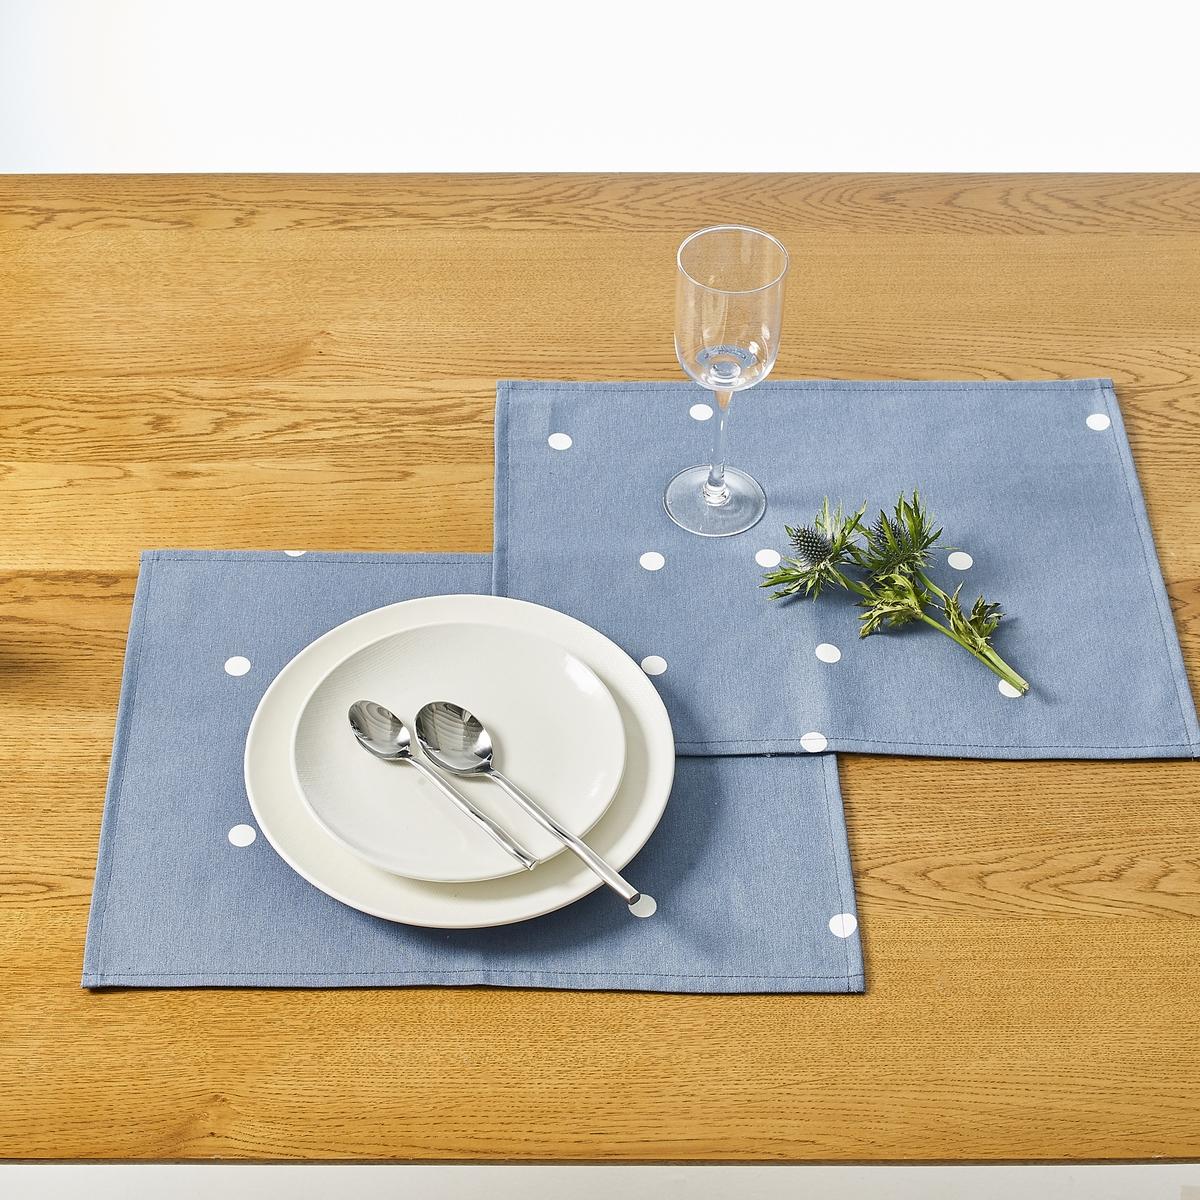 2 подложки под столовые приборы с рисунком и пропиткой  AURELIAКомплект из 2 подложек под столовые приборы Aur?lia из поликоттона с обработкой против пятен Teflon  .Характеристики 2 подложек под столовые приборы Aur?lia :70% хлопка, 30% полиэстера с водоотталкивающей обработкой и обработкой против пятен Teflon Рисунок в белый горох на однотонном фонеПодшитые краяМашинная стирка при 40°.Возможна машинная сушка.Всю коллекцию Aur?lia Вы найдете на laredoute.ruРазмеры подложки под столовые приборы Aur?lia :35 x 45 см<br><br>Цвет: бледно-зеленый,Серо-синий,серый,терракота<br>Размер: единый размер.единый размер